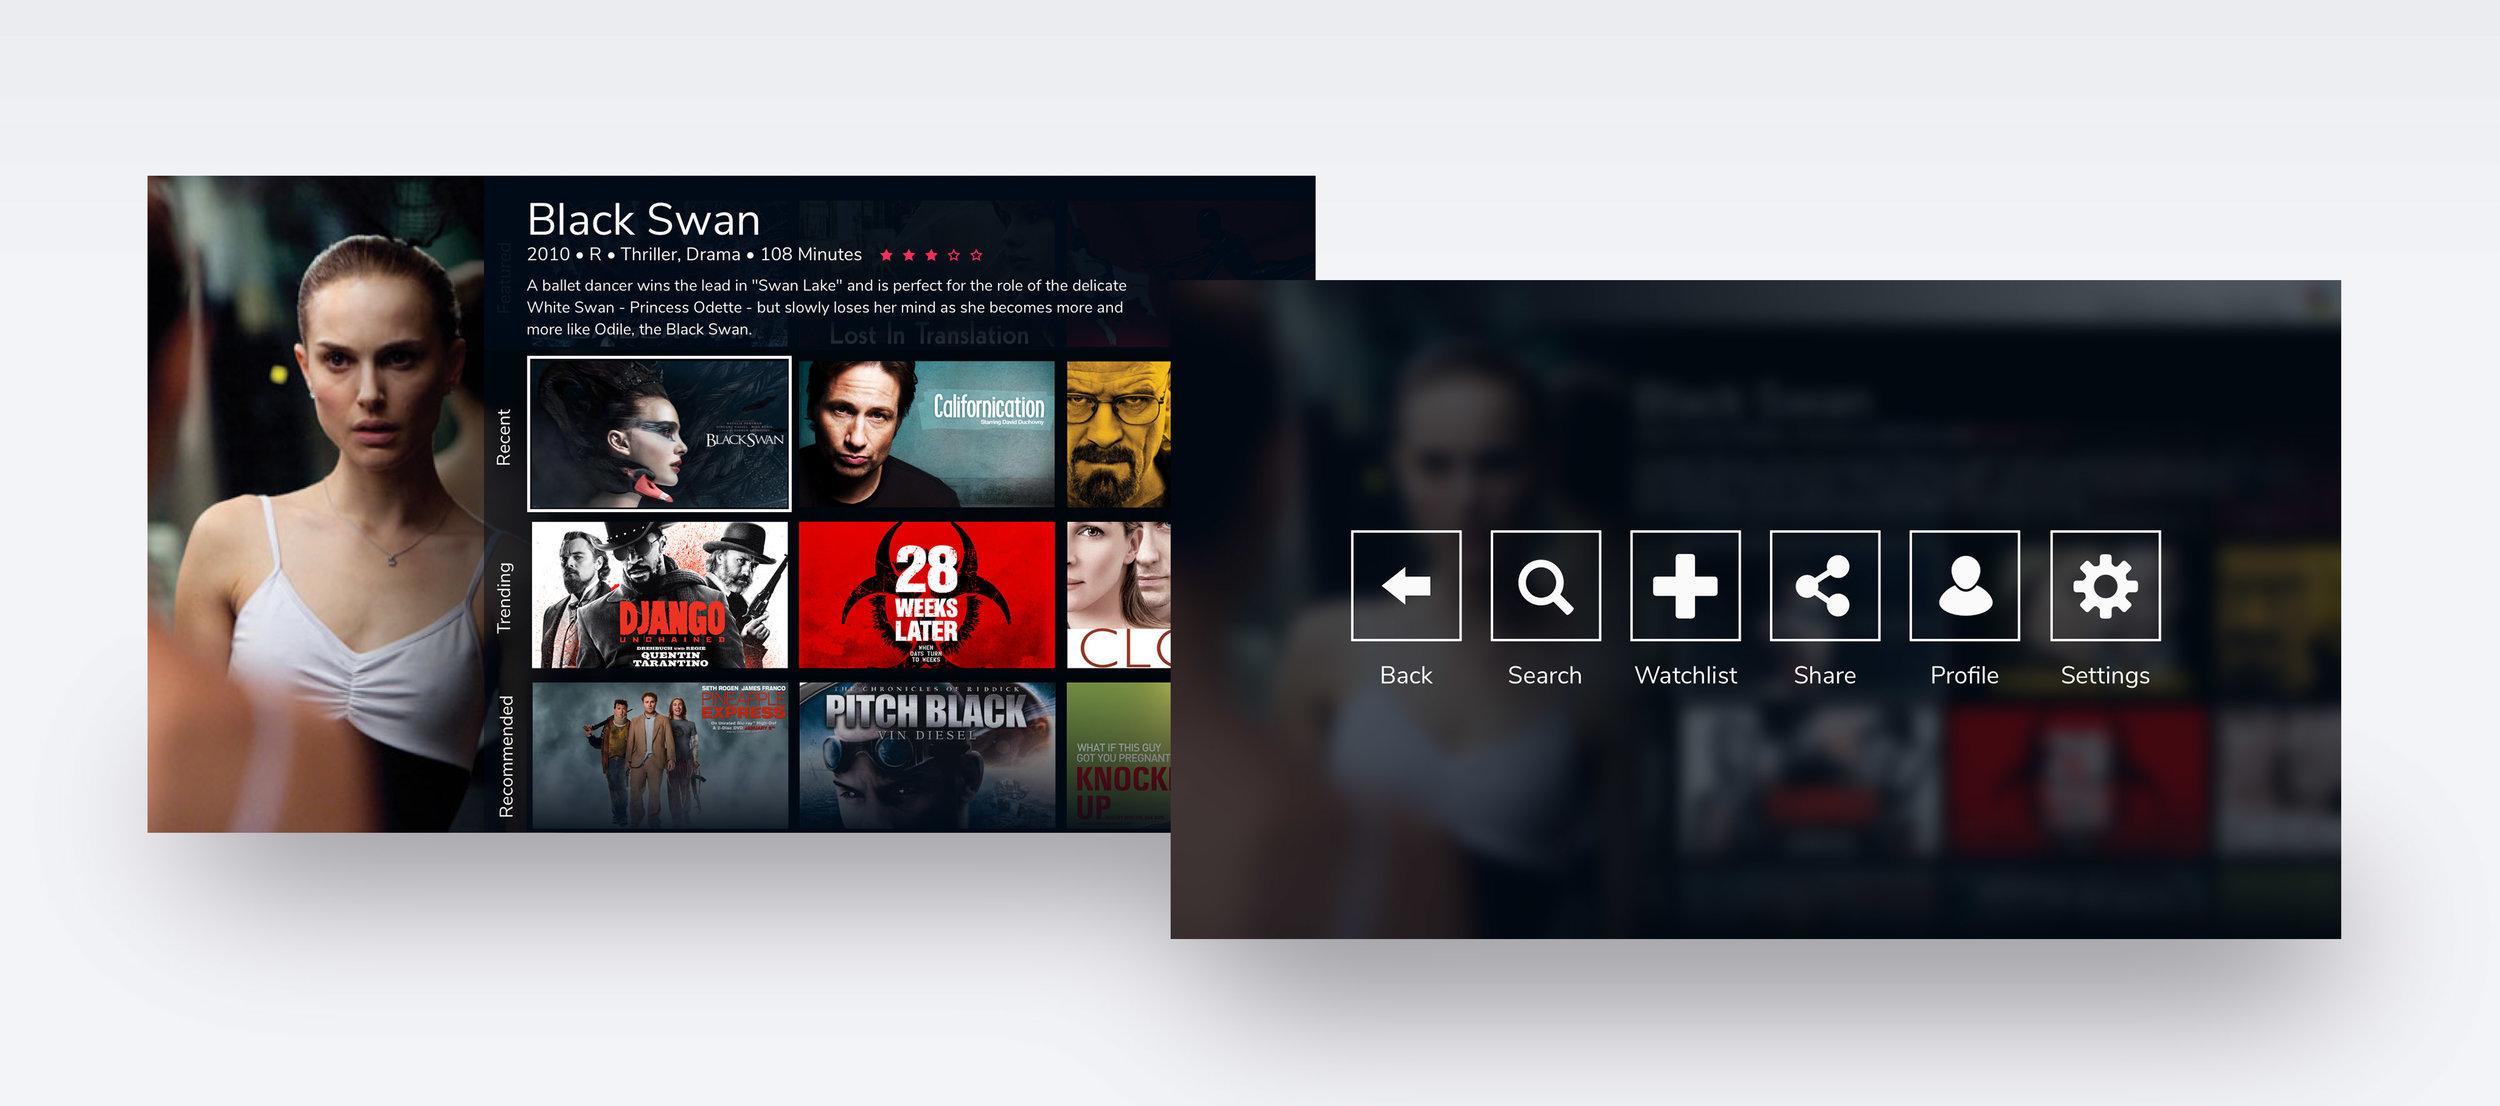 Home screen and menu overlay